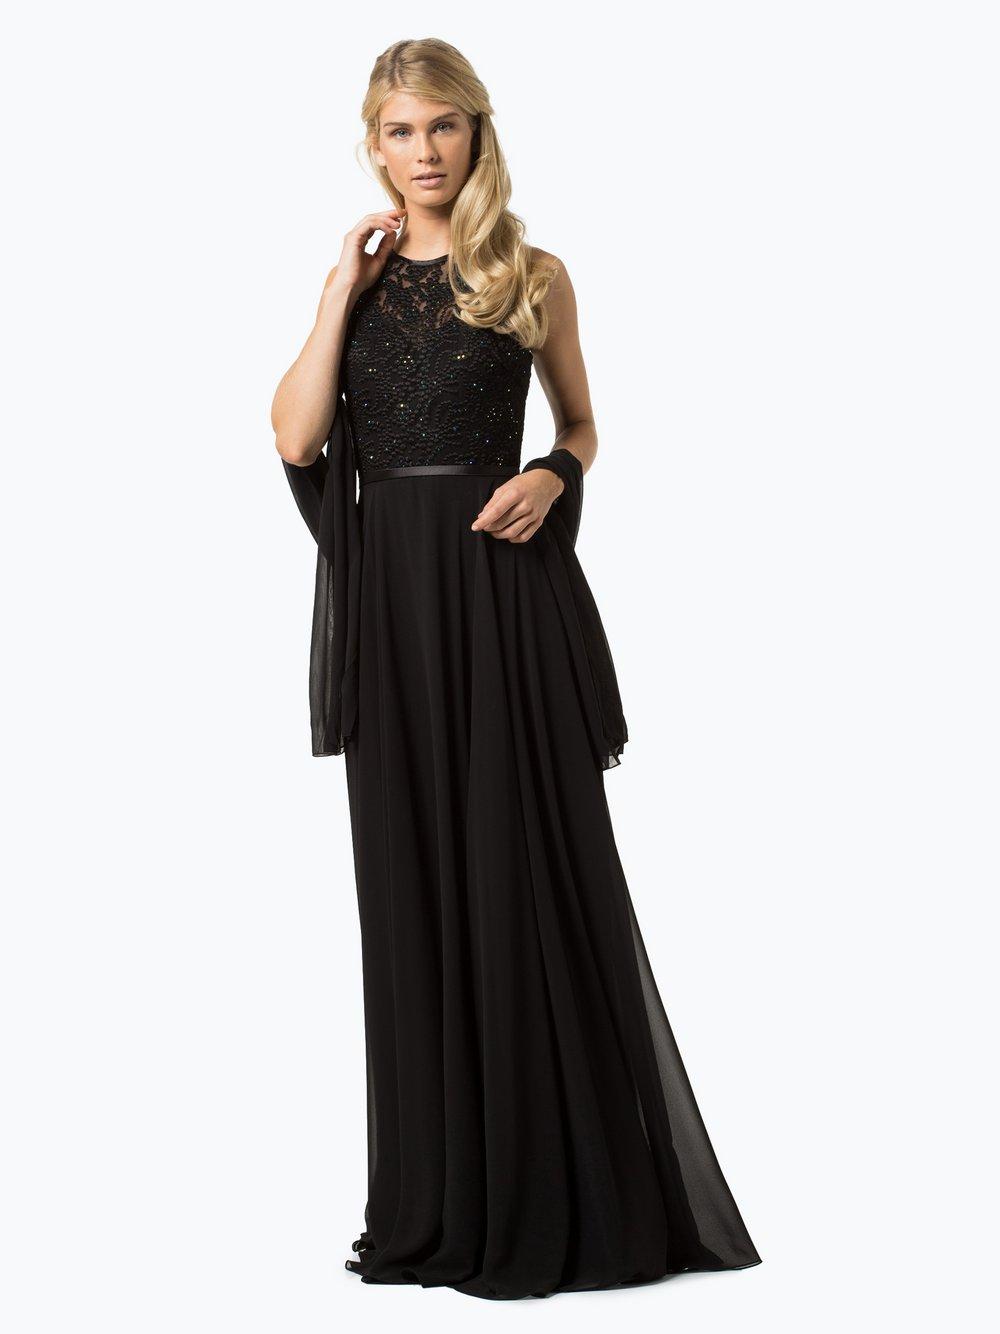 Luxuar Fashion – Damska sukienka wieczorowa z etolą, niebieski Van Graaf 348348-0003-00440